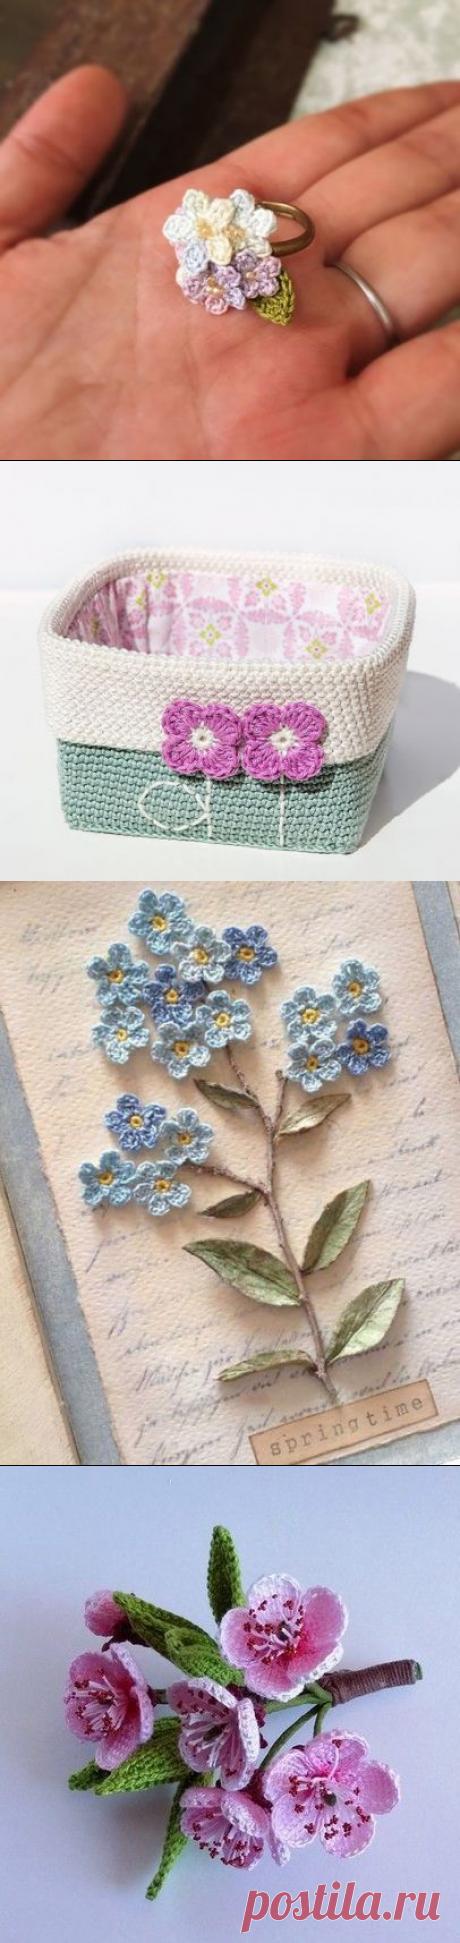 Цветы крючком: стильная деталь. Несколько идей: что ими украсить. | Мир Вышивки | Яндекс Дзен